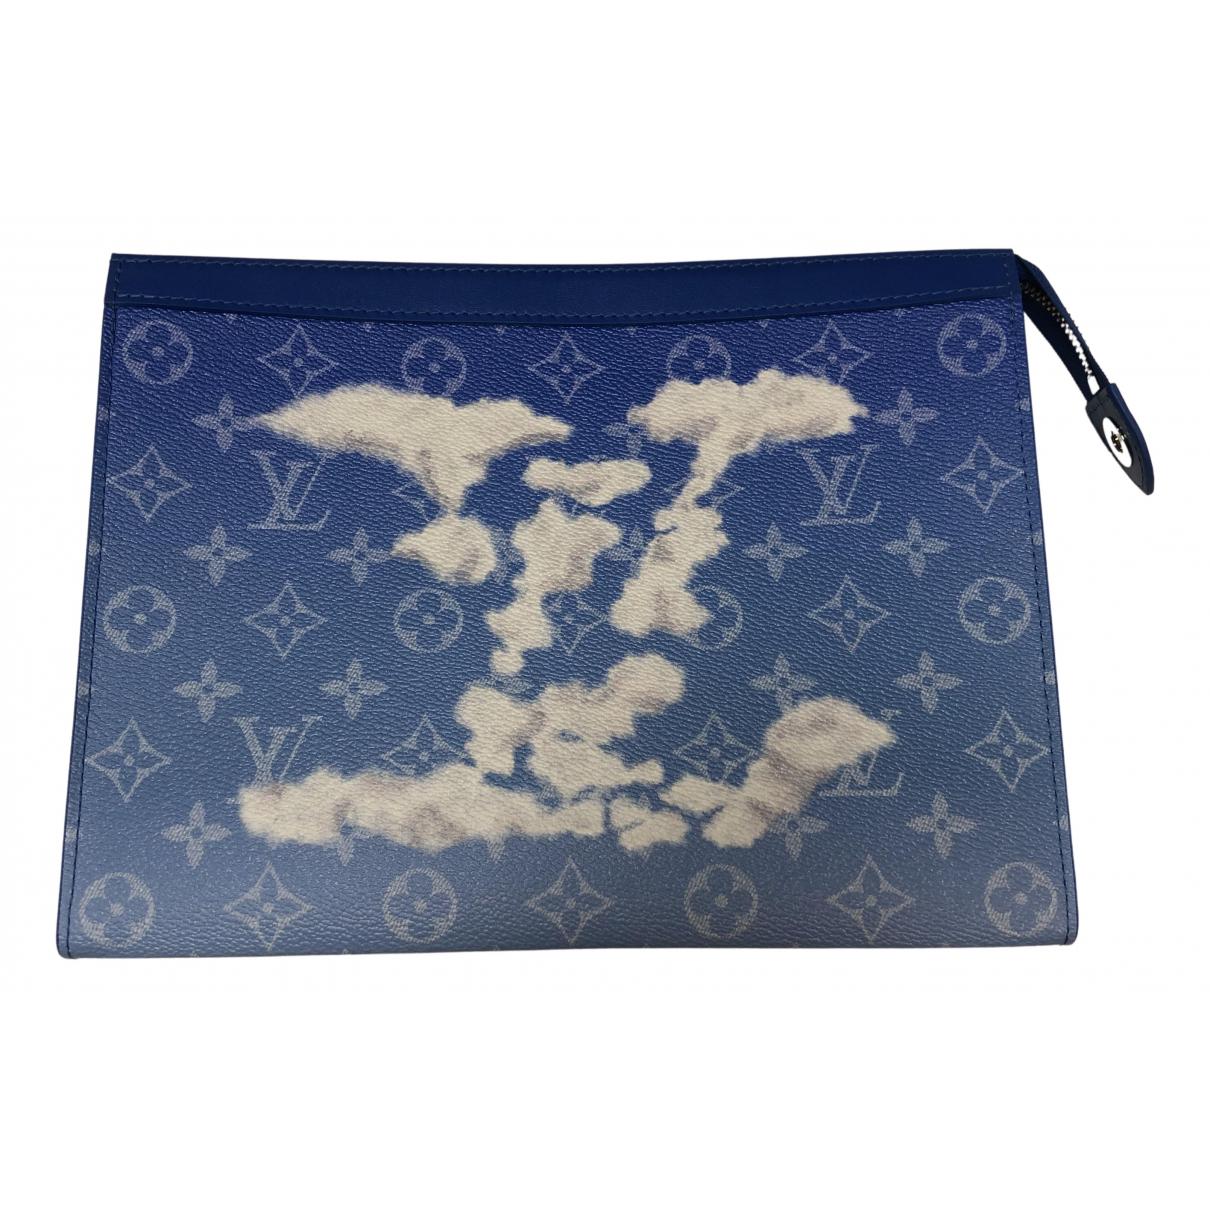 Louis Vuitton - Petite maroquinerie   pour homme en toile - bleu